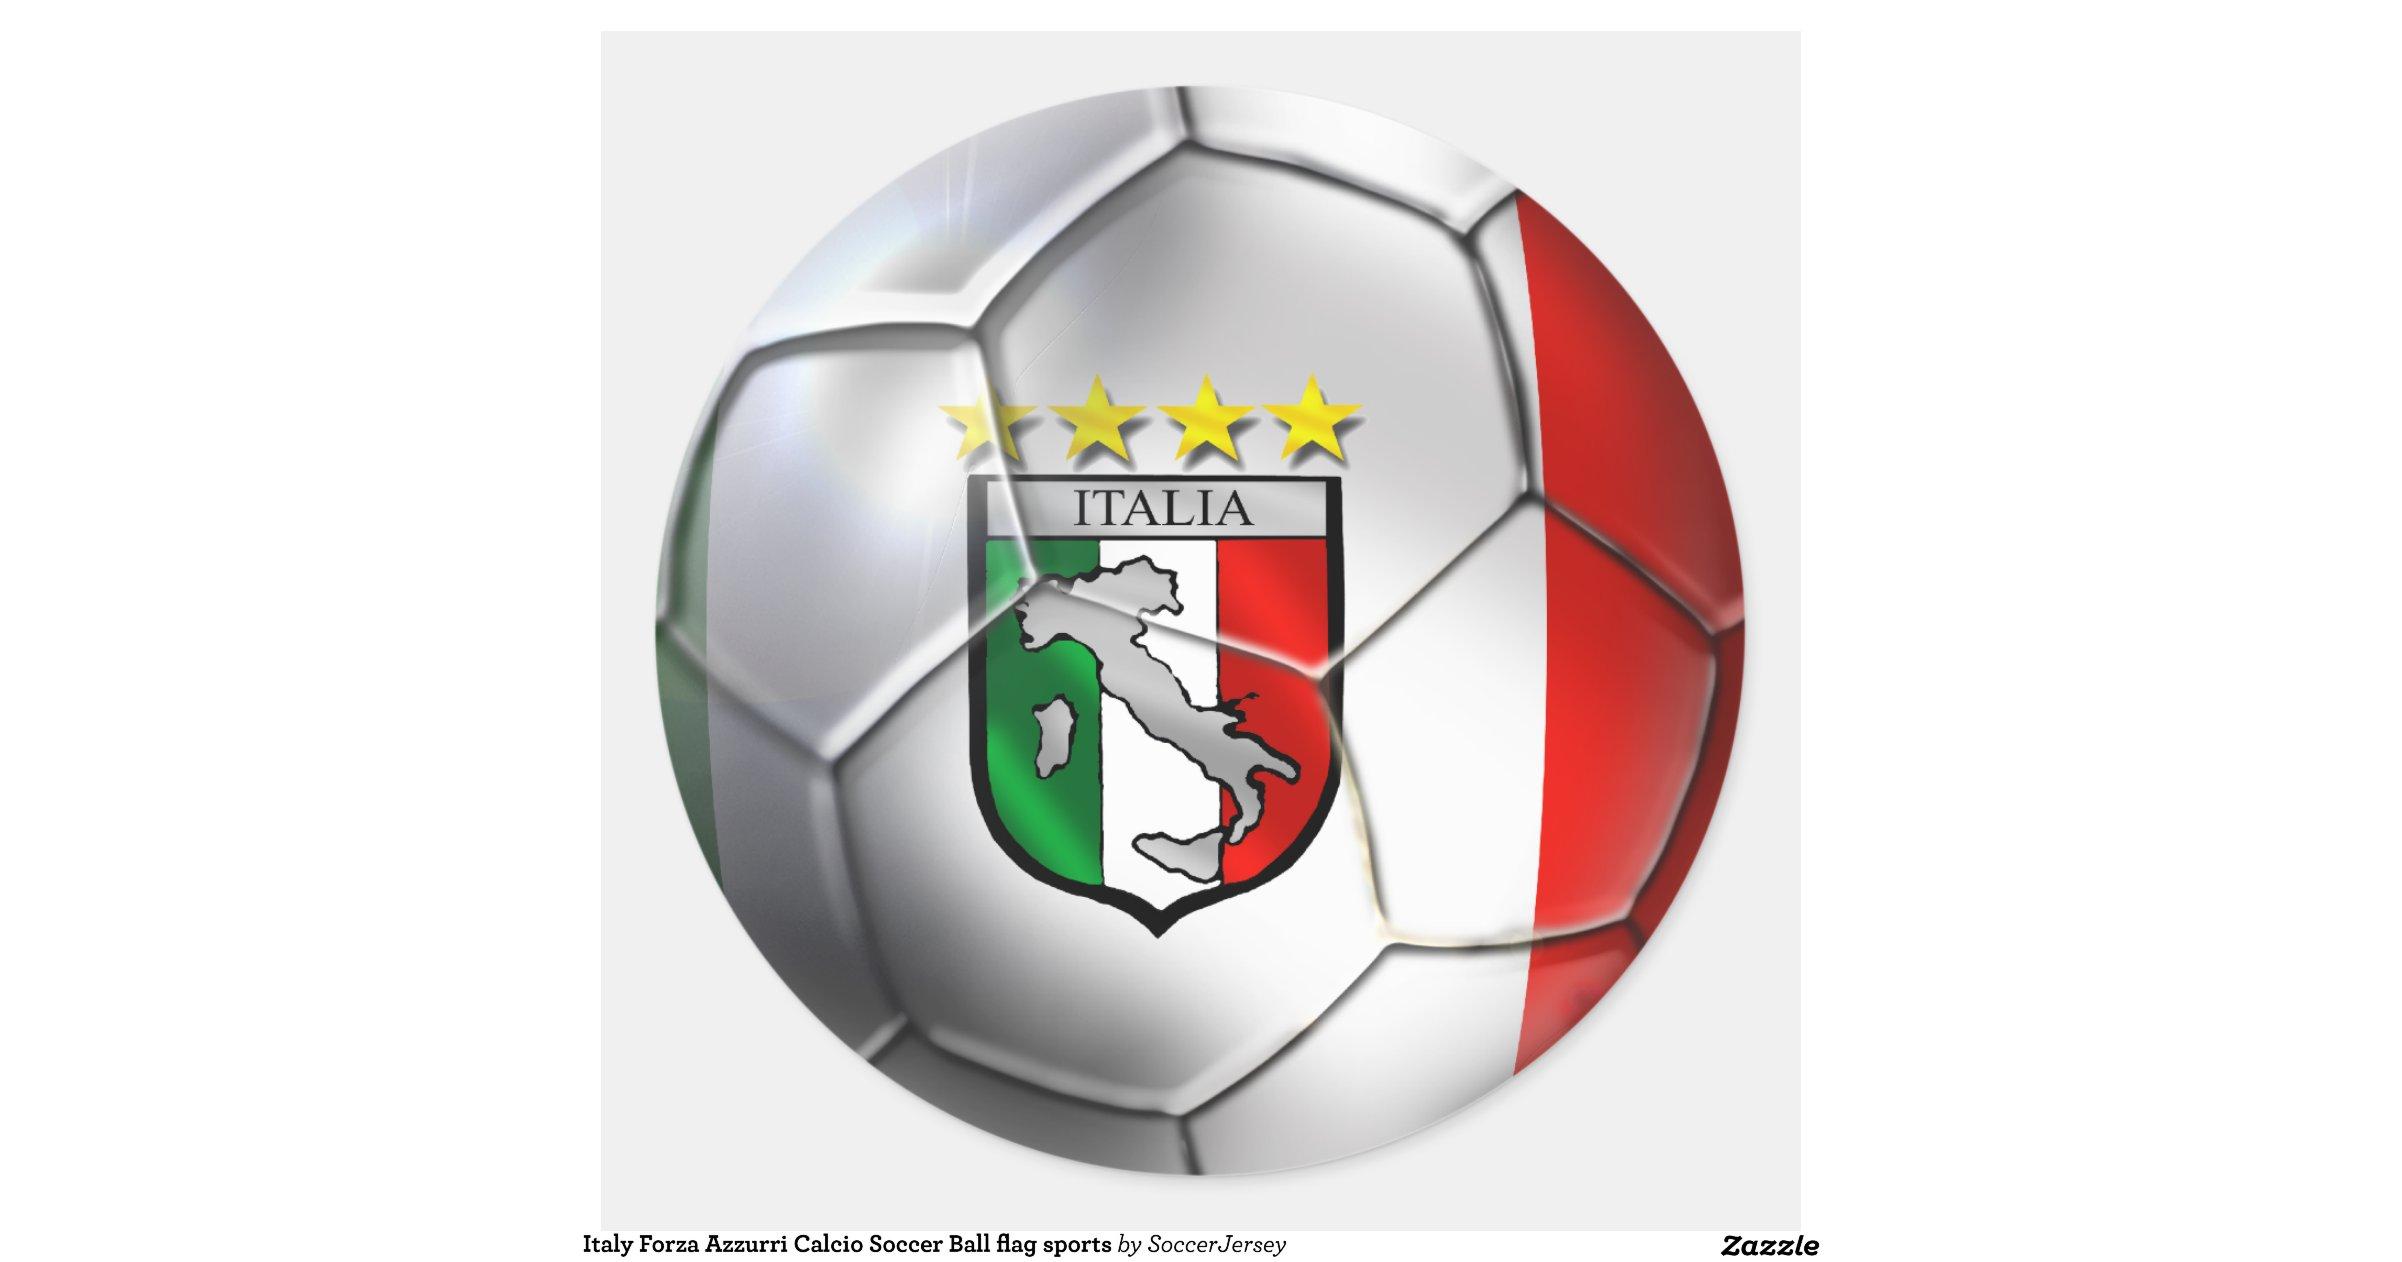 Calcio Soccer Azzurri Calcio Soccer Ball